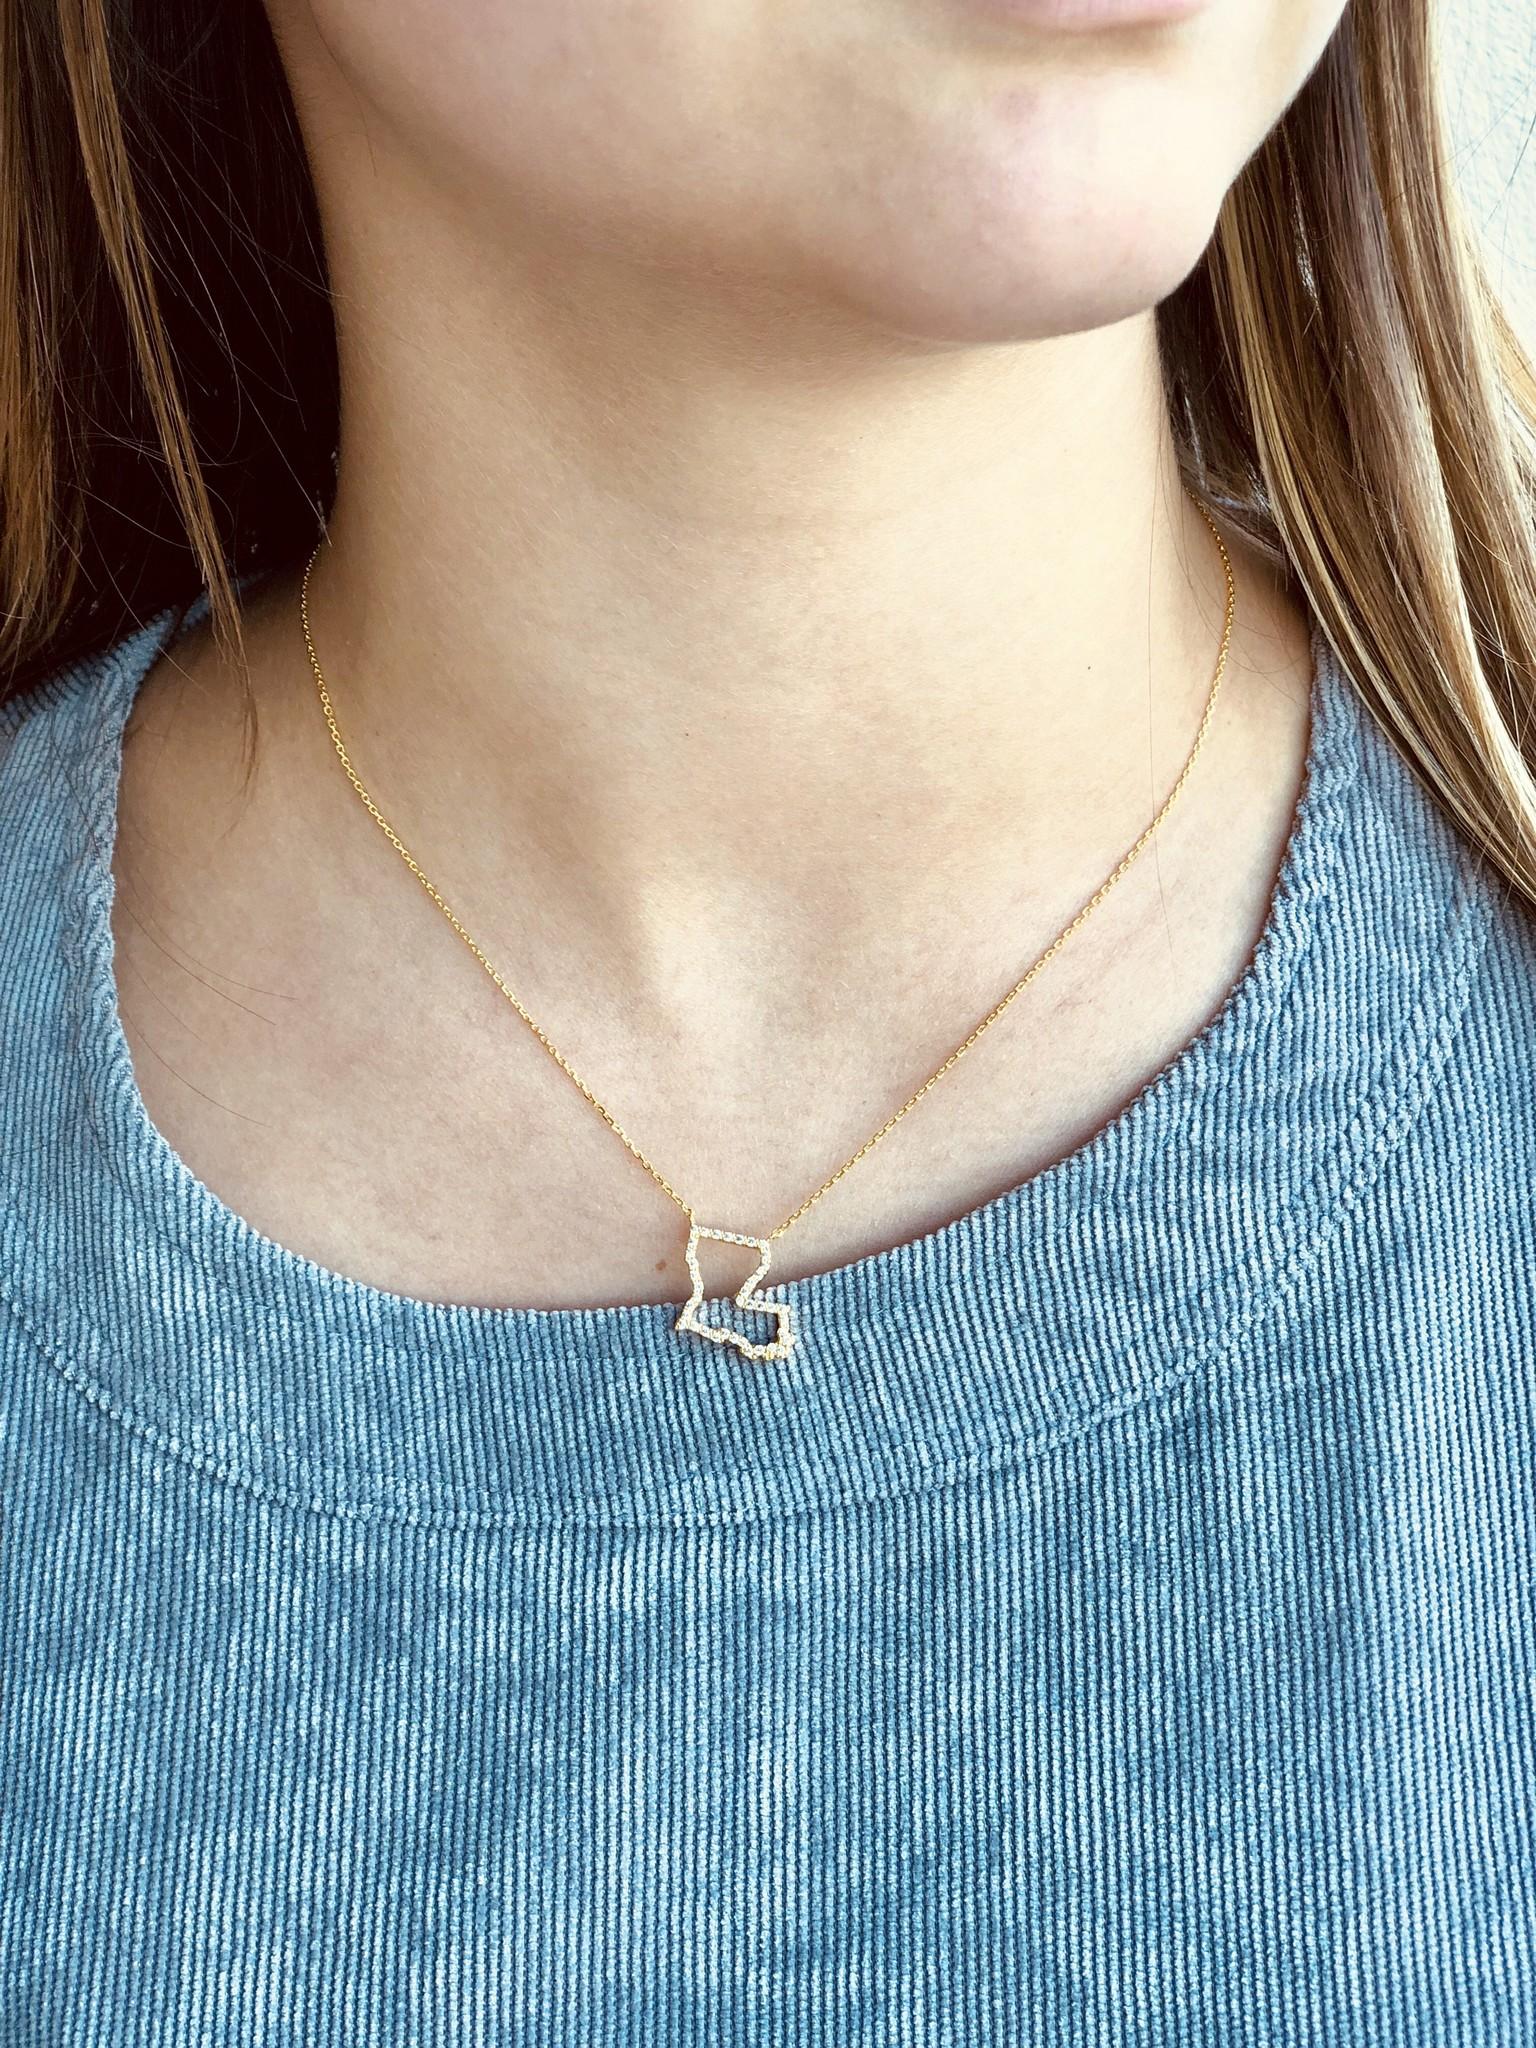 TLG Louisiana Necklace 15167